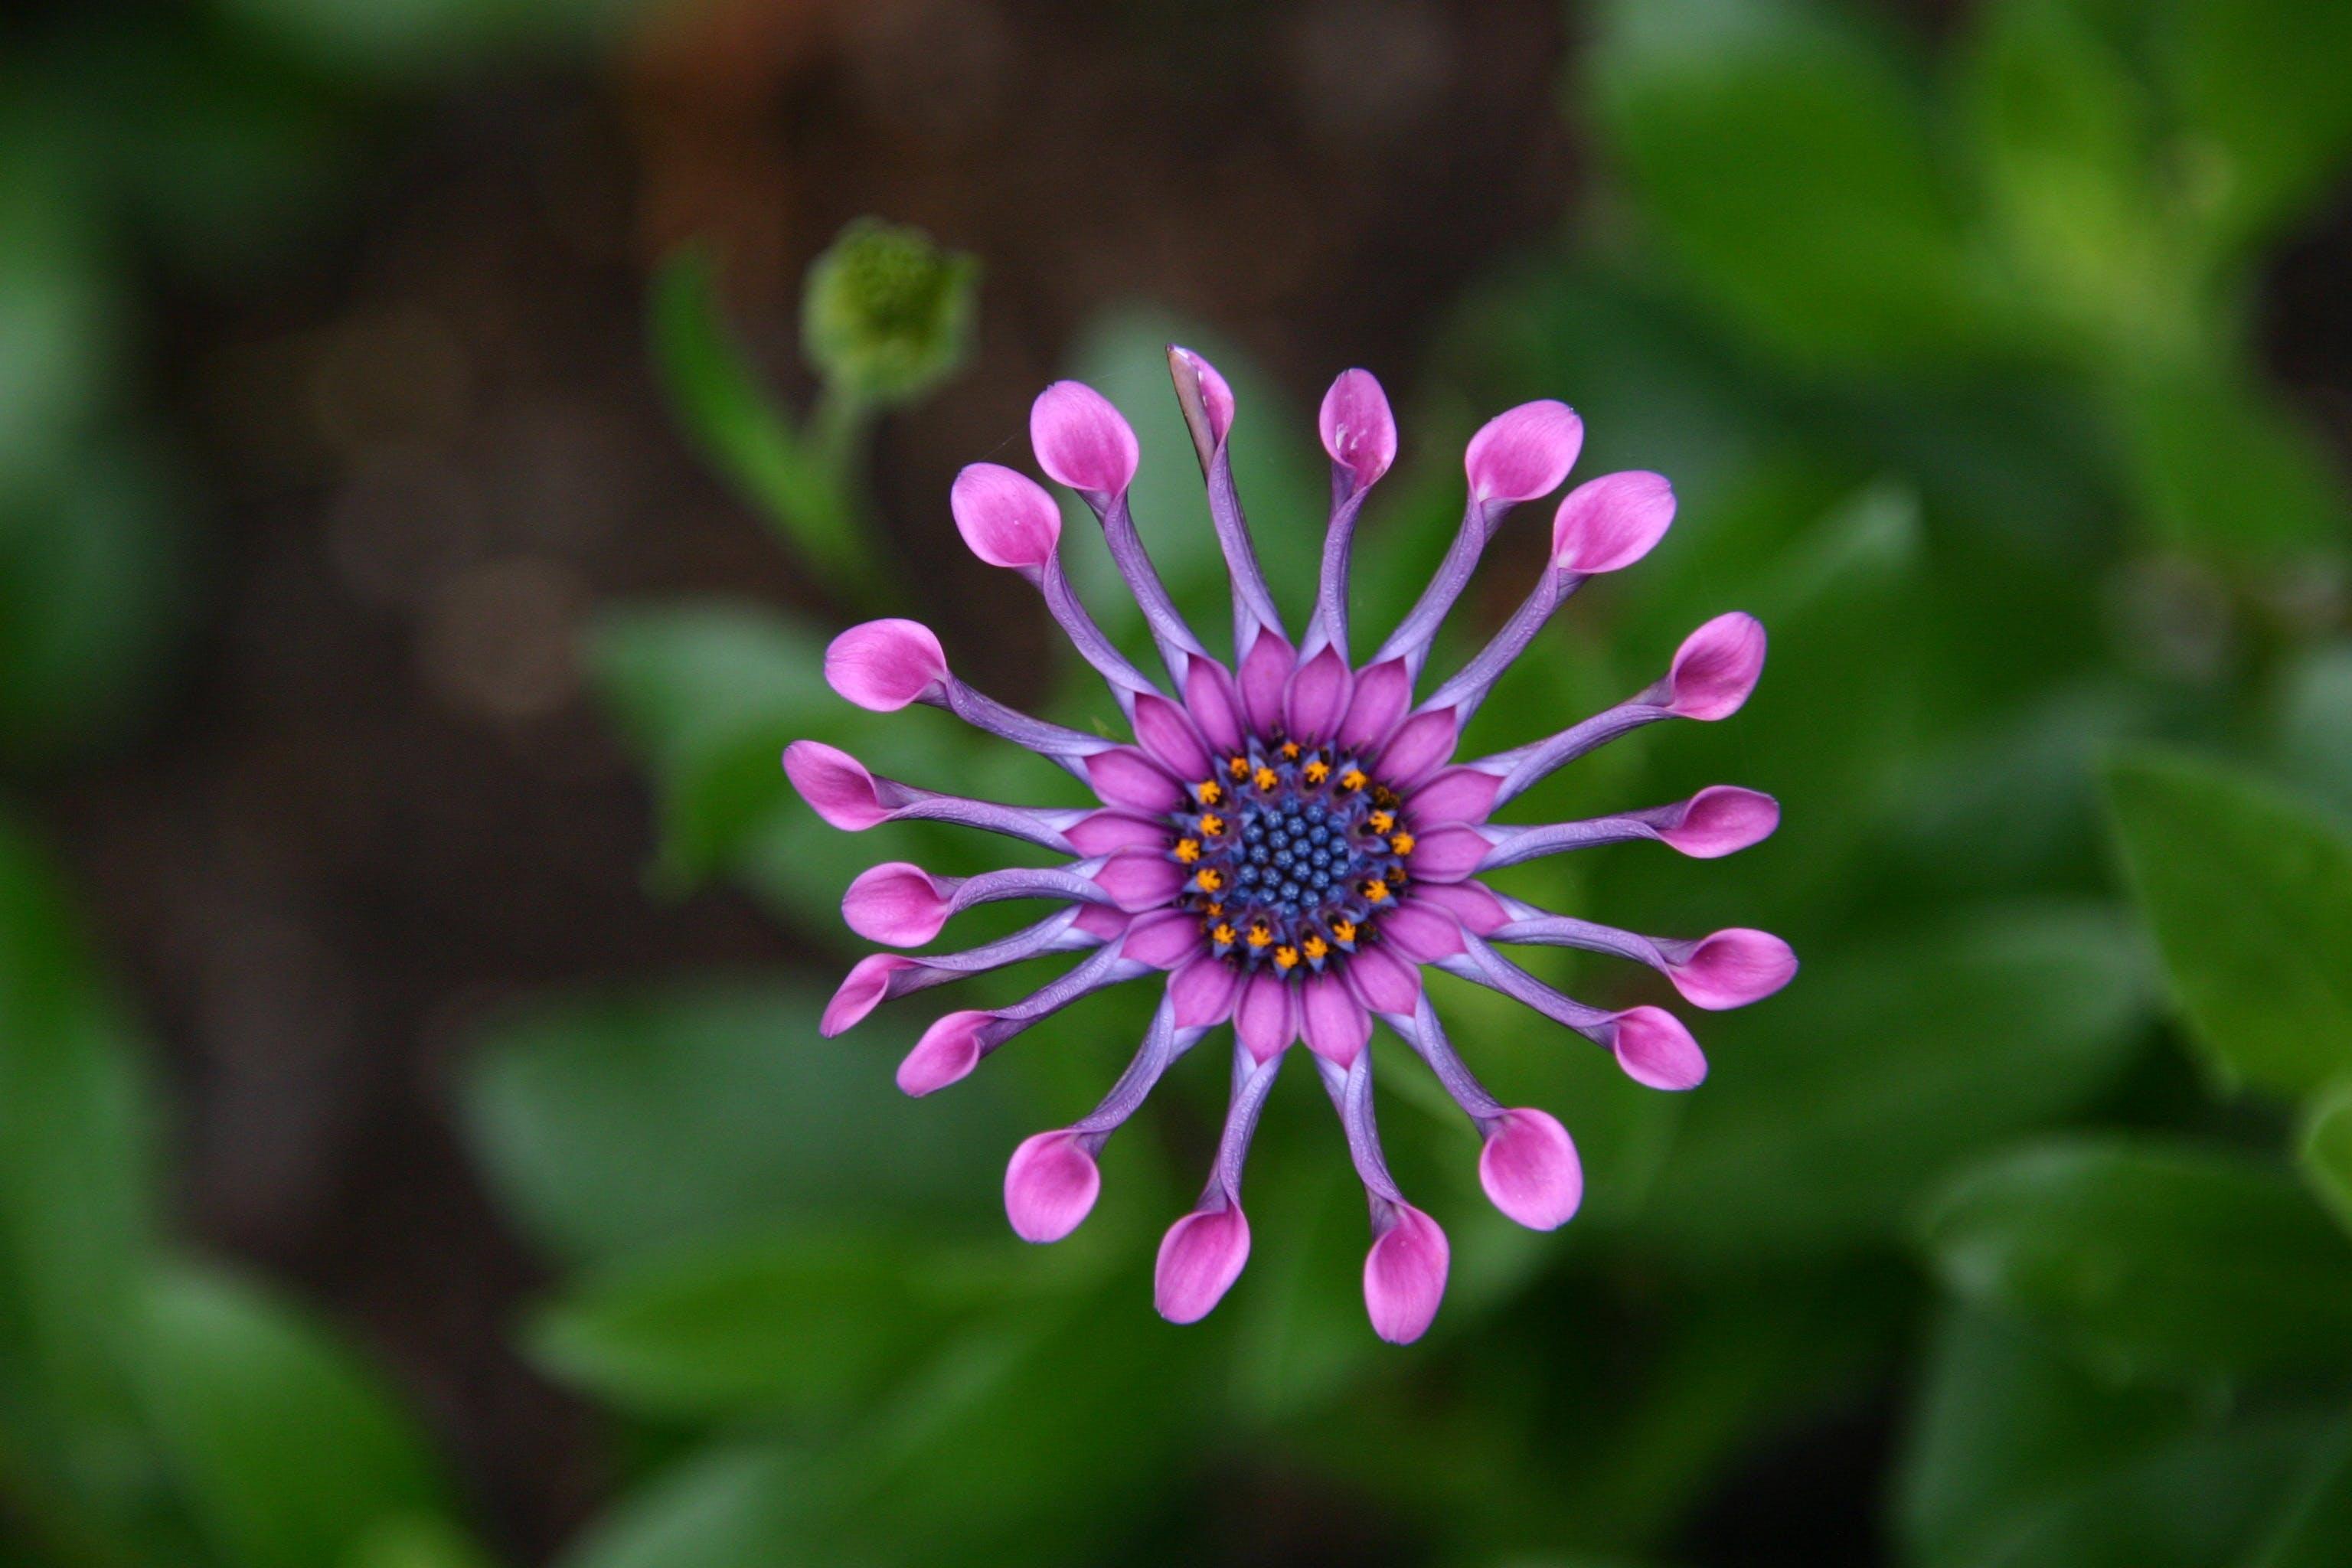 Closeup Photography of Pink Petal Flower